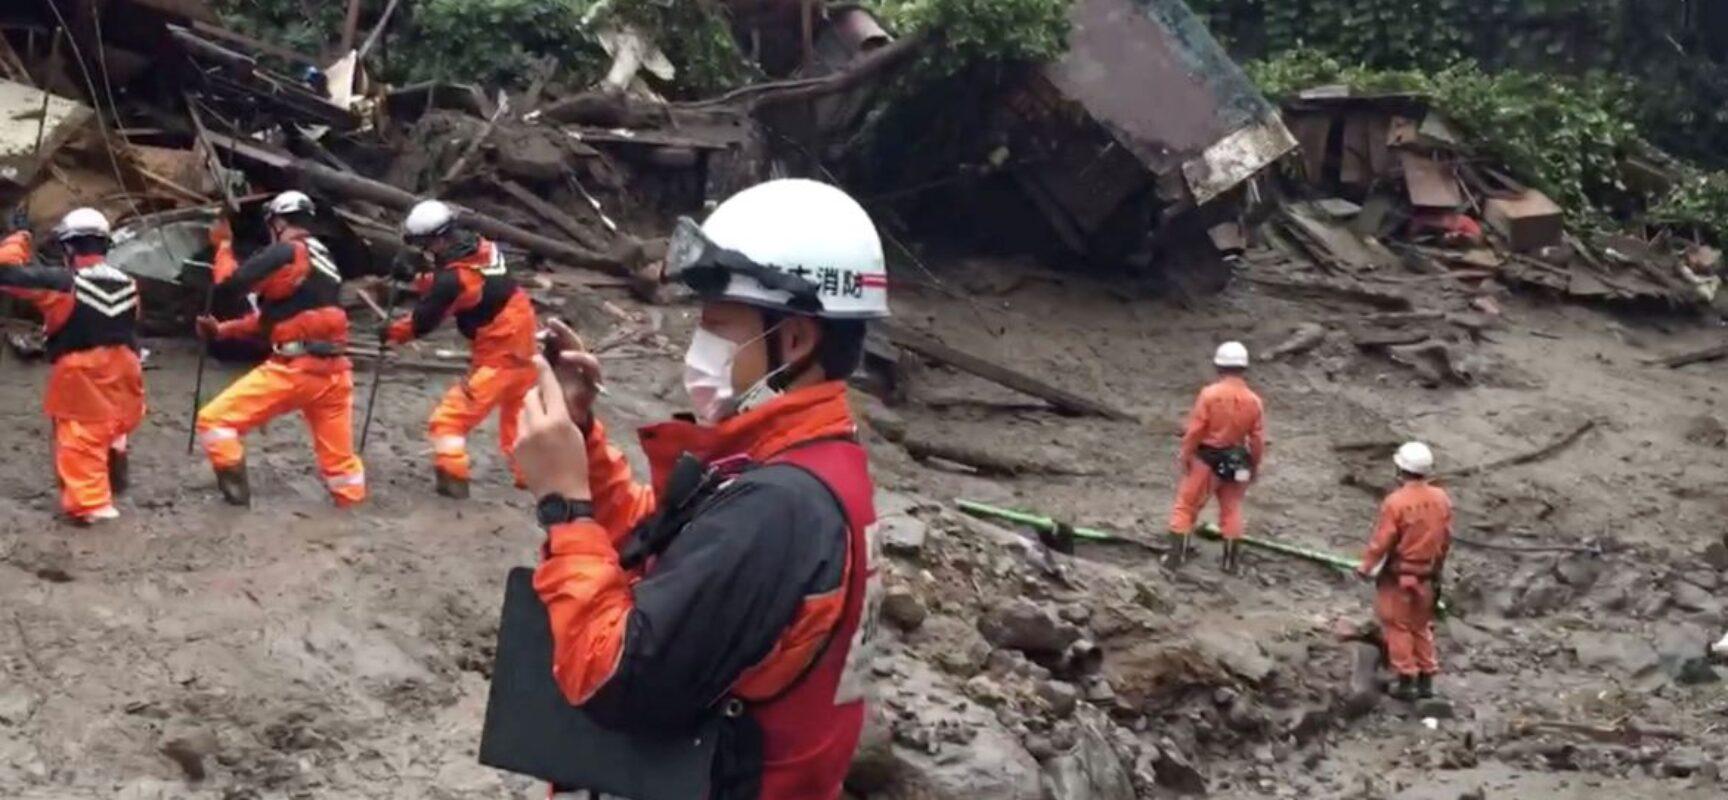 Deslizamento de terra no Japão deixa pelo menos quatro mortos